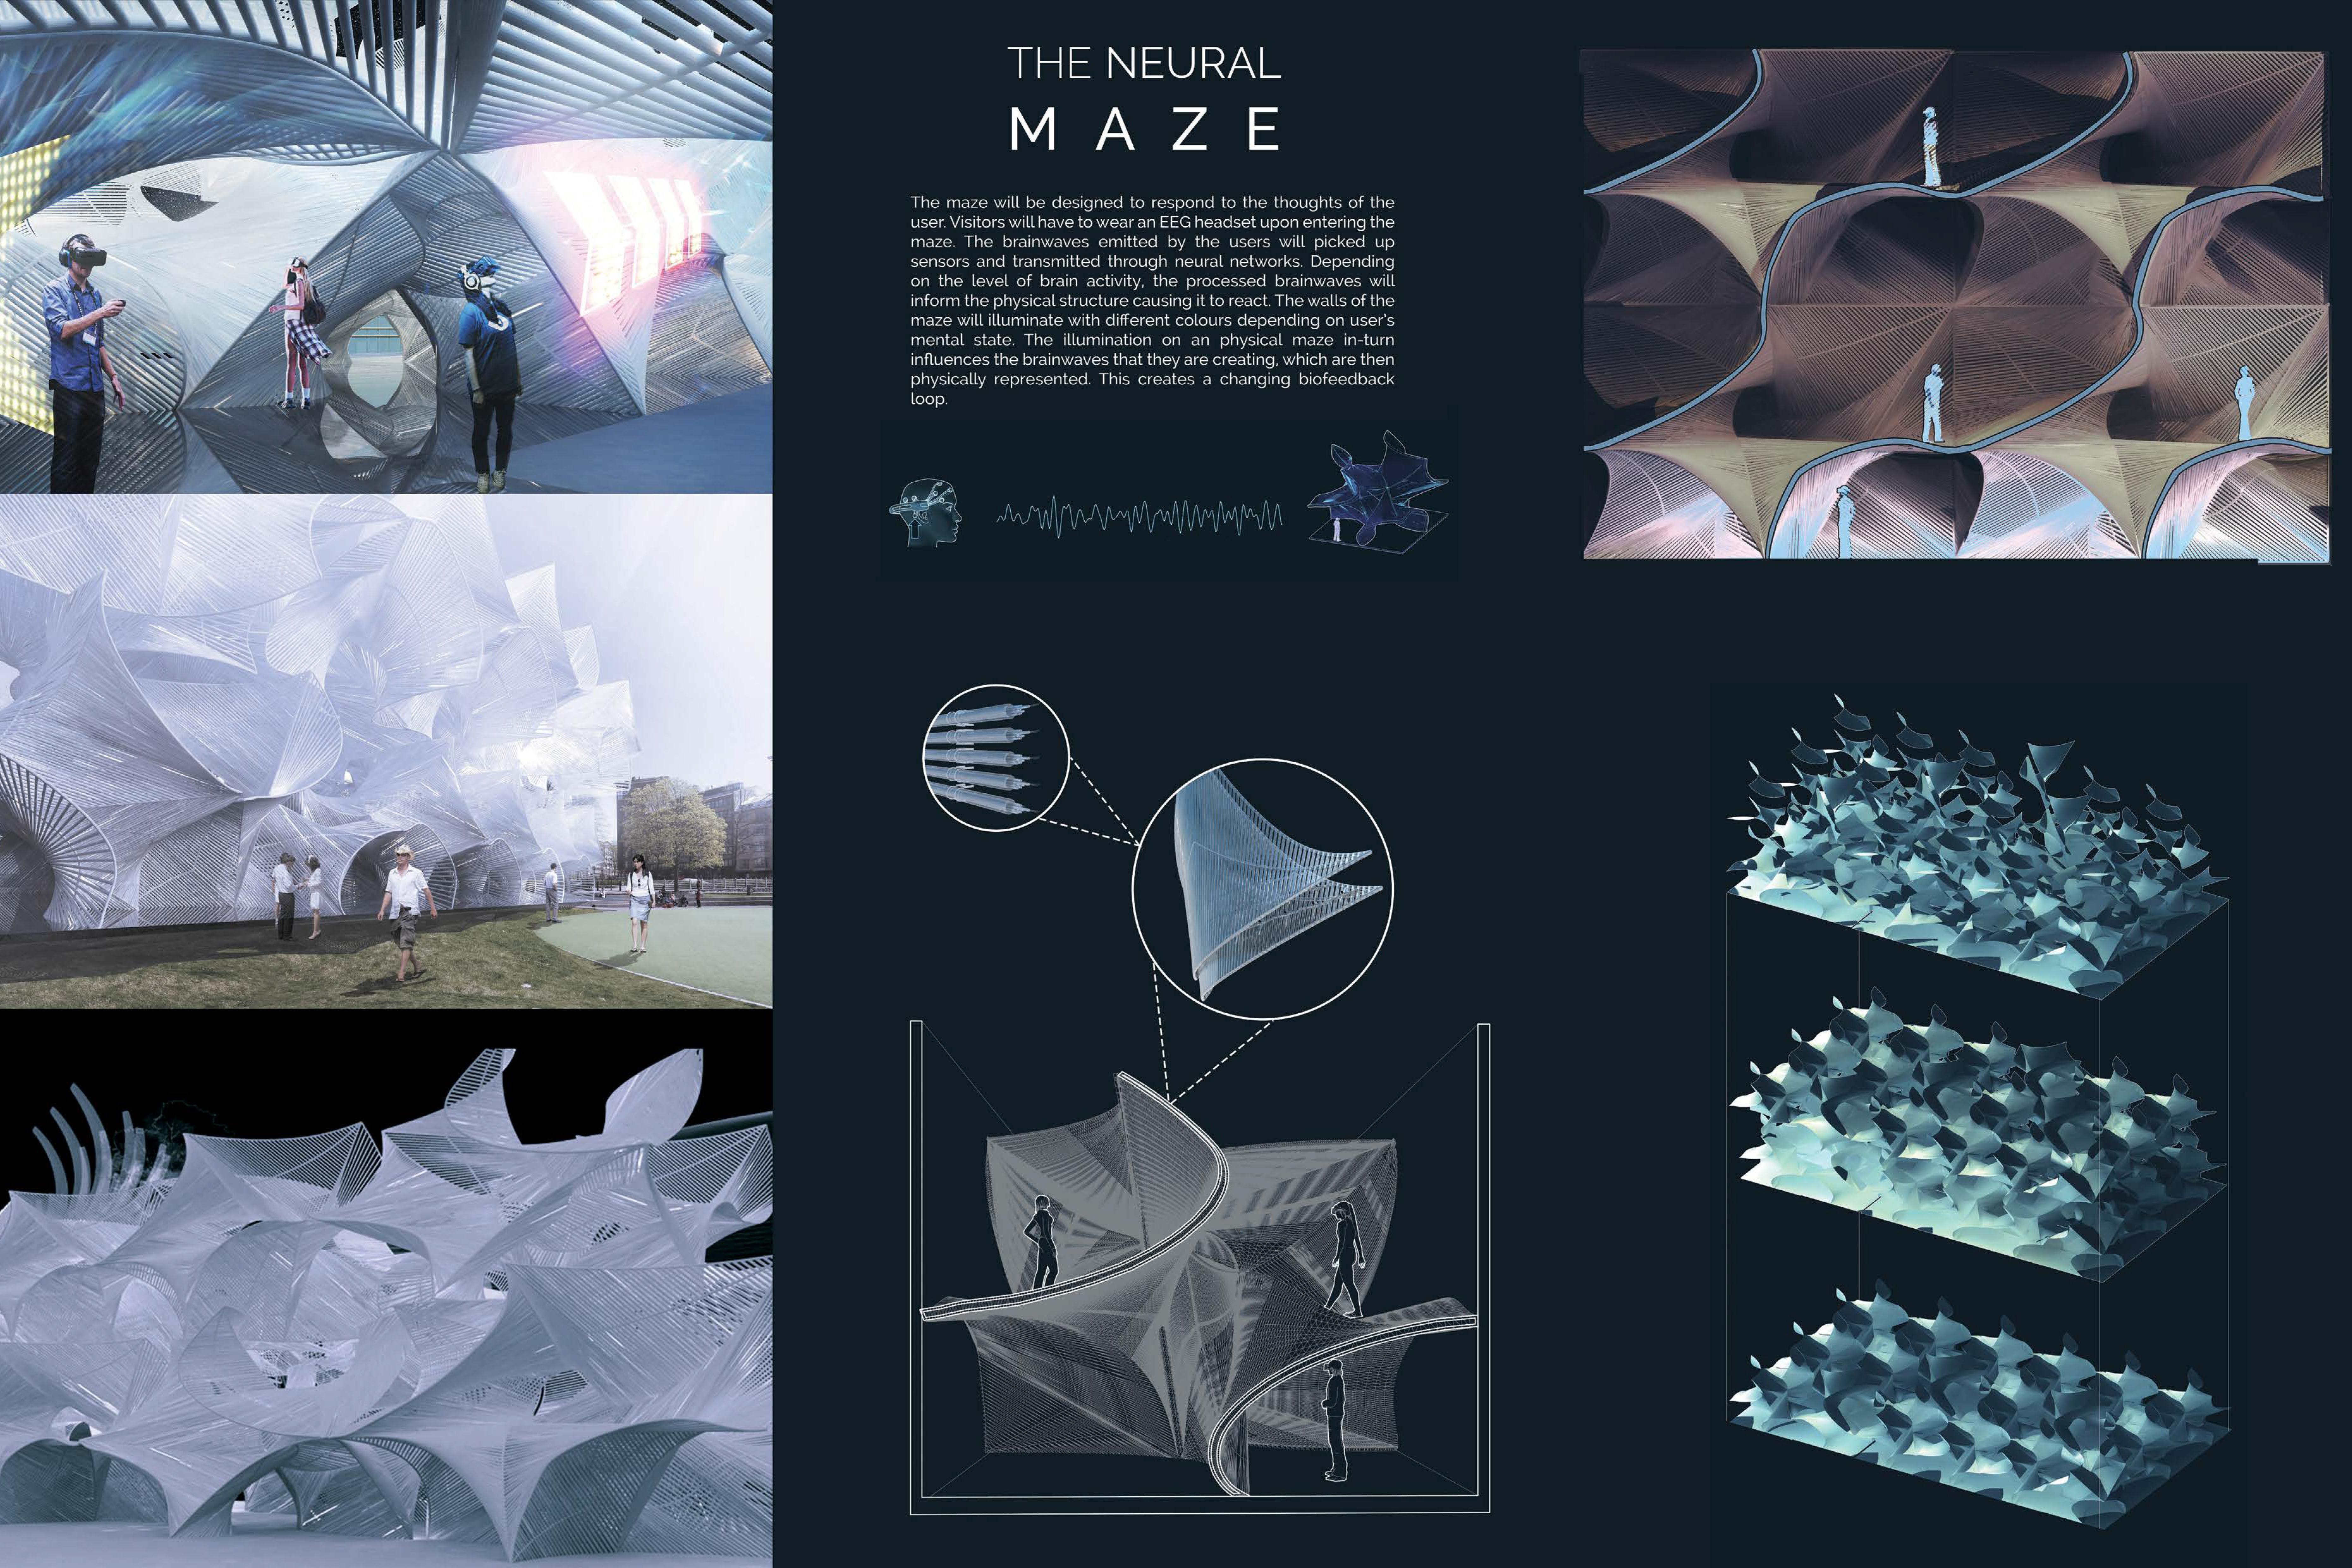 Neural Maze